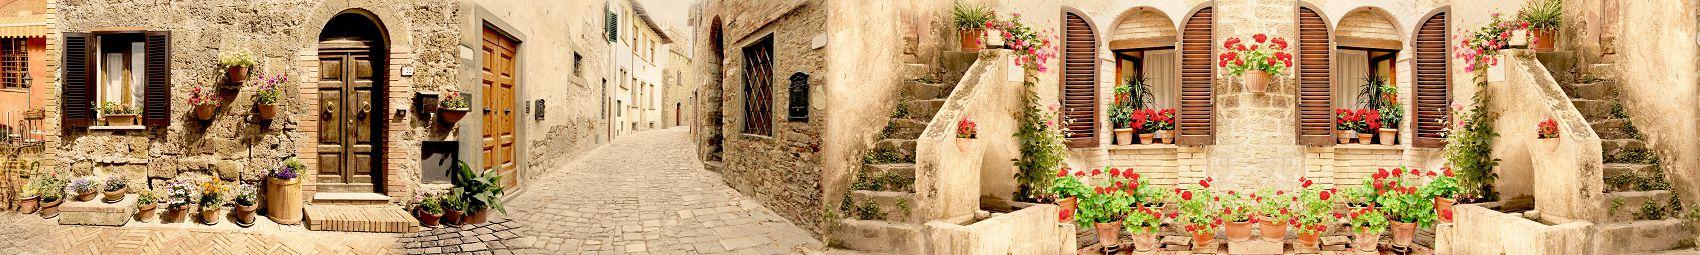 Улочки старого города панорама